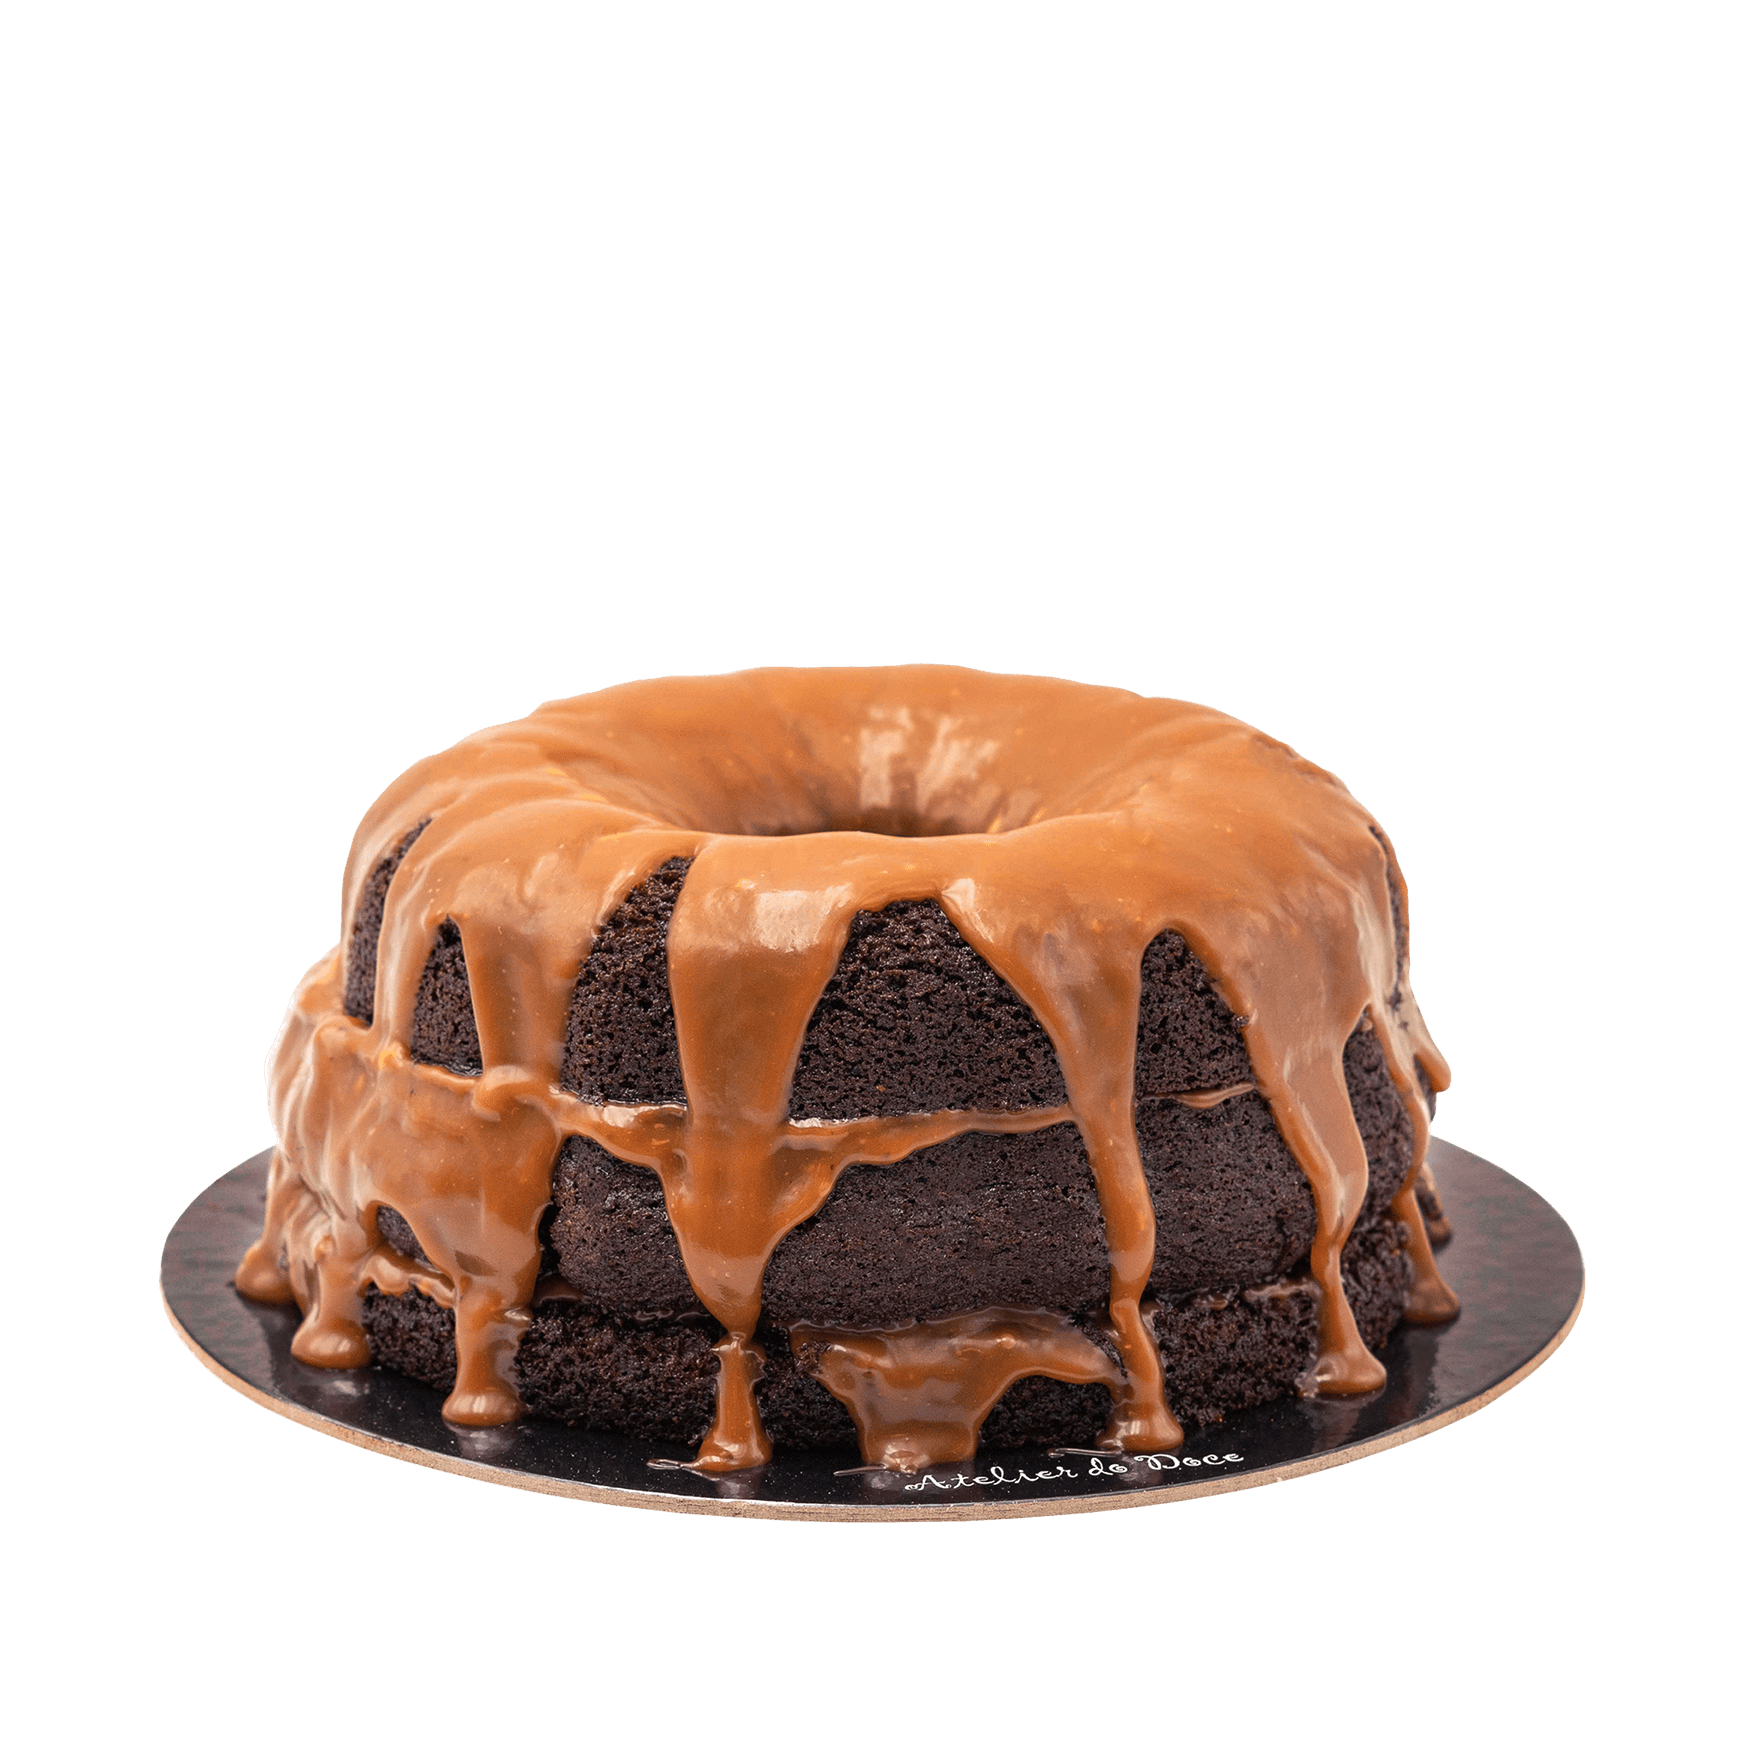 bolo-chocolate-caramelo-salgado-atelier-doce-alfeizerao-doces-conventuais